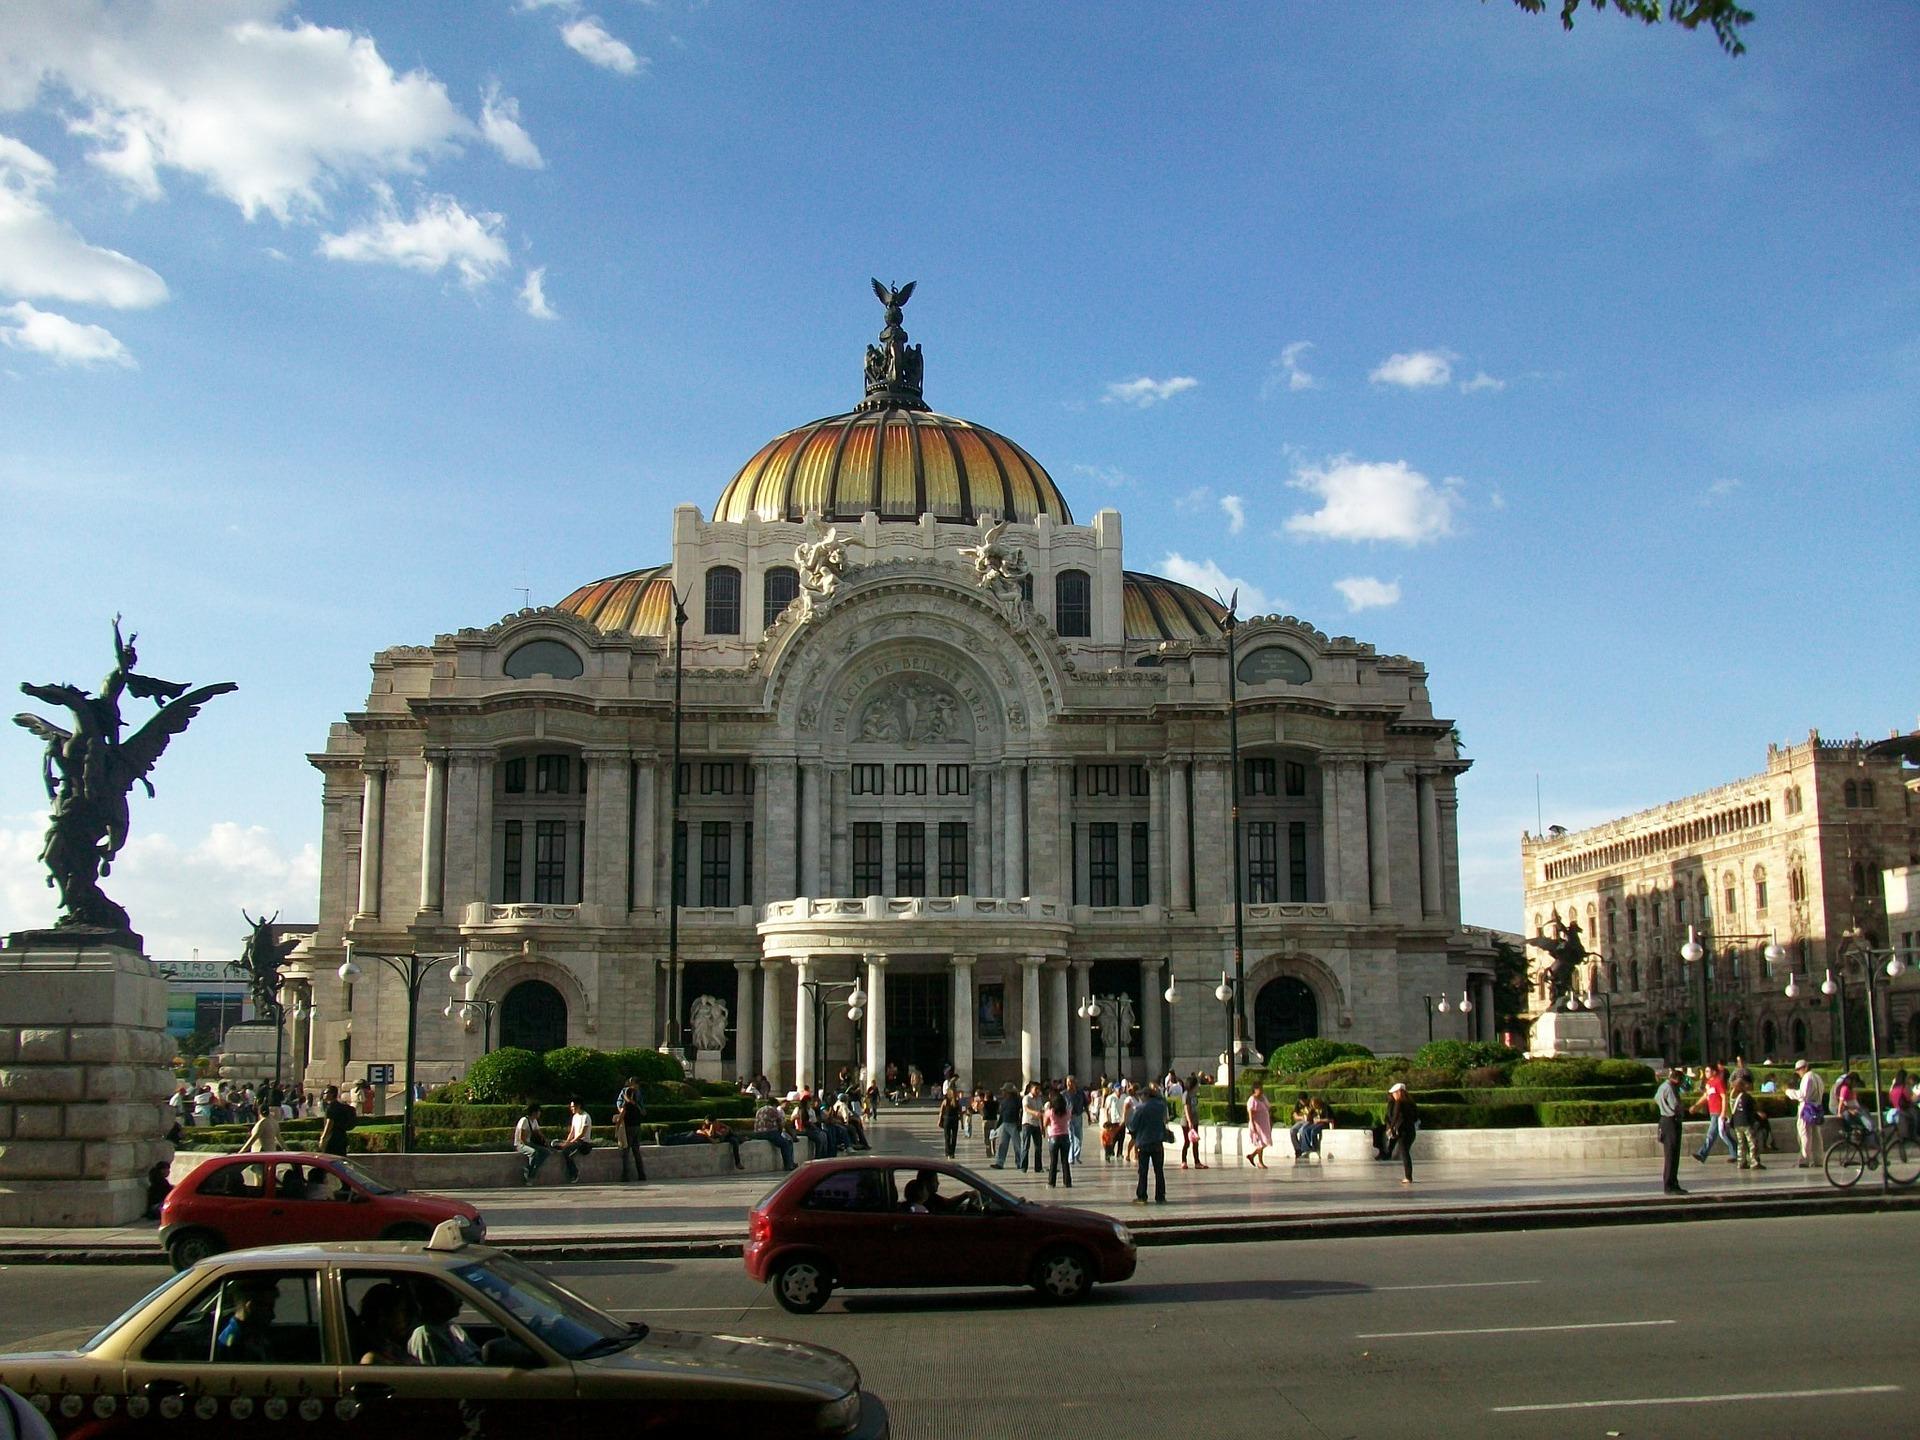 https://pixabay.com/pt/photos/belas-artes-mexico-cidade-do-mexico-649347/